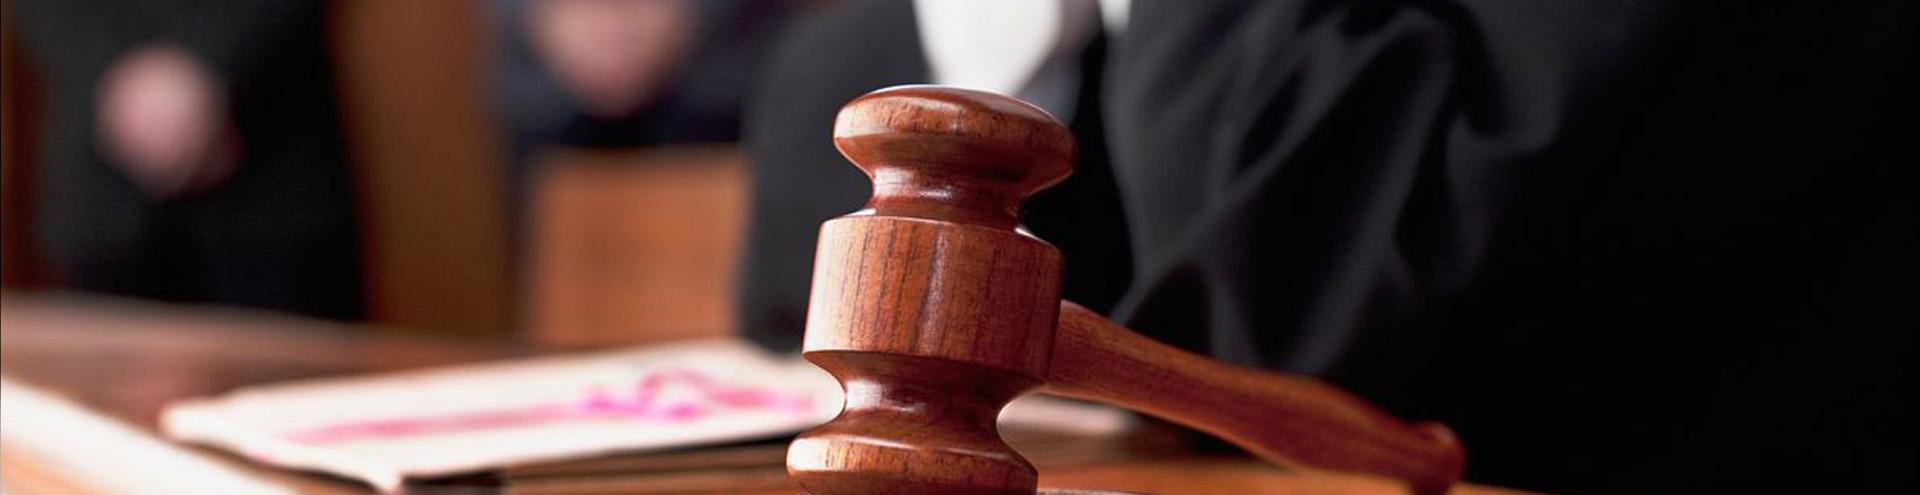 апелляционная жалоба в Липецке и Липецкой области